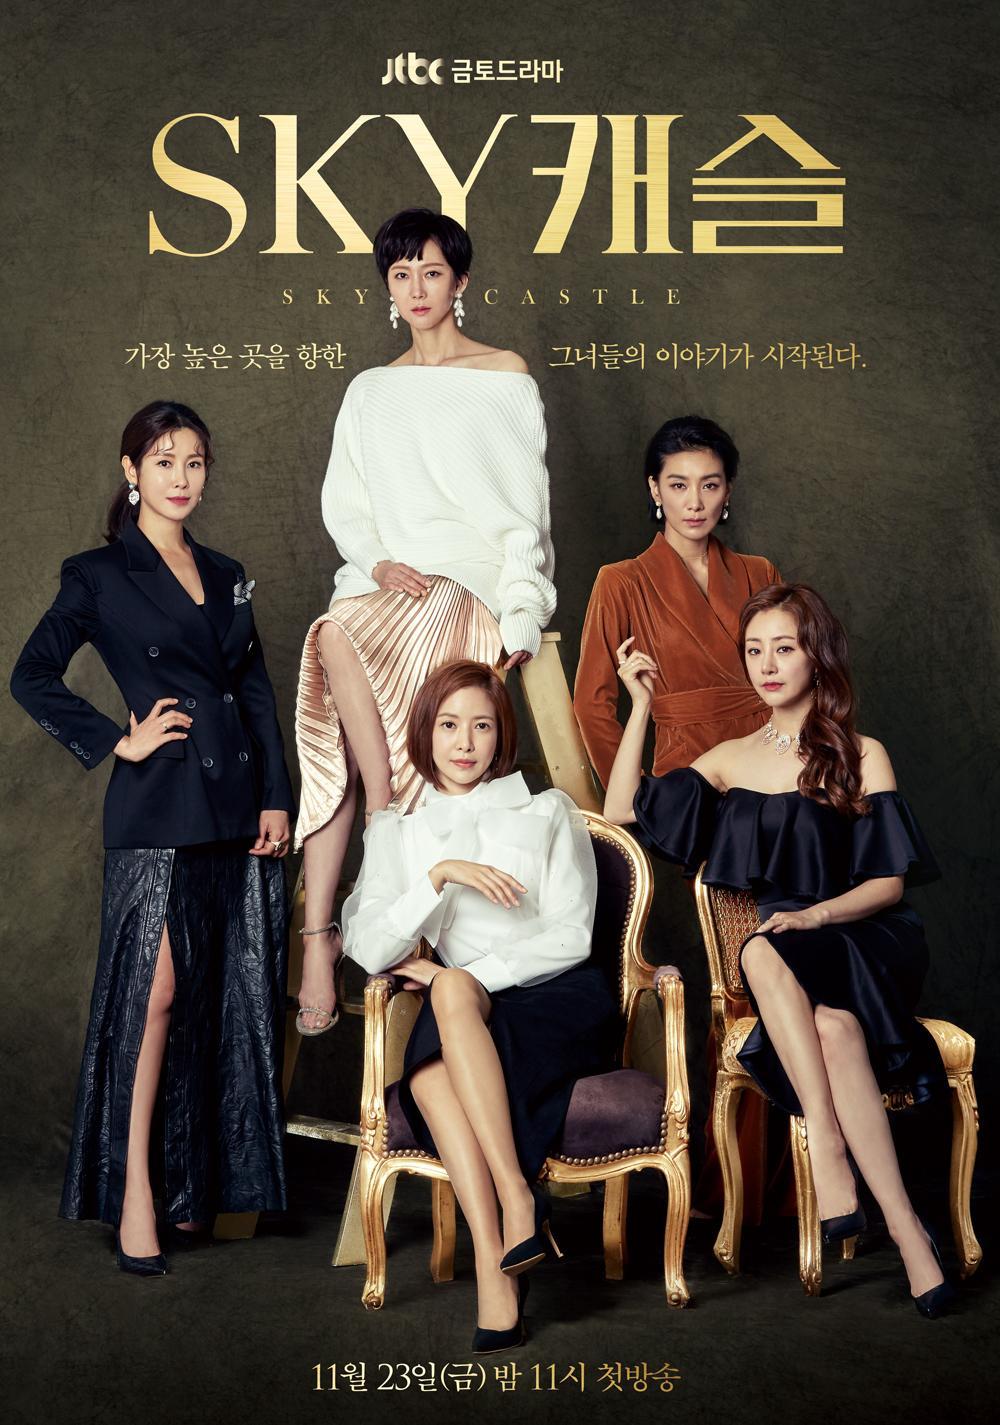 韩国JTBC强势崛起,这7部高水准韩剧全部是他们出品!插图9